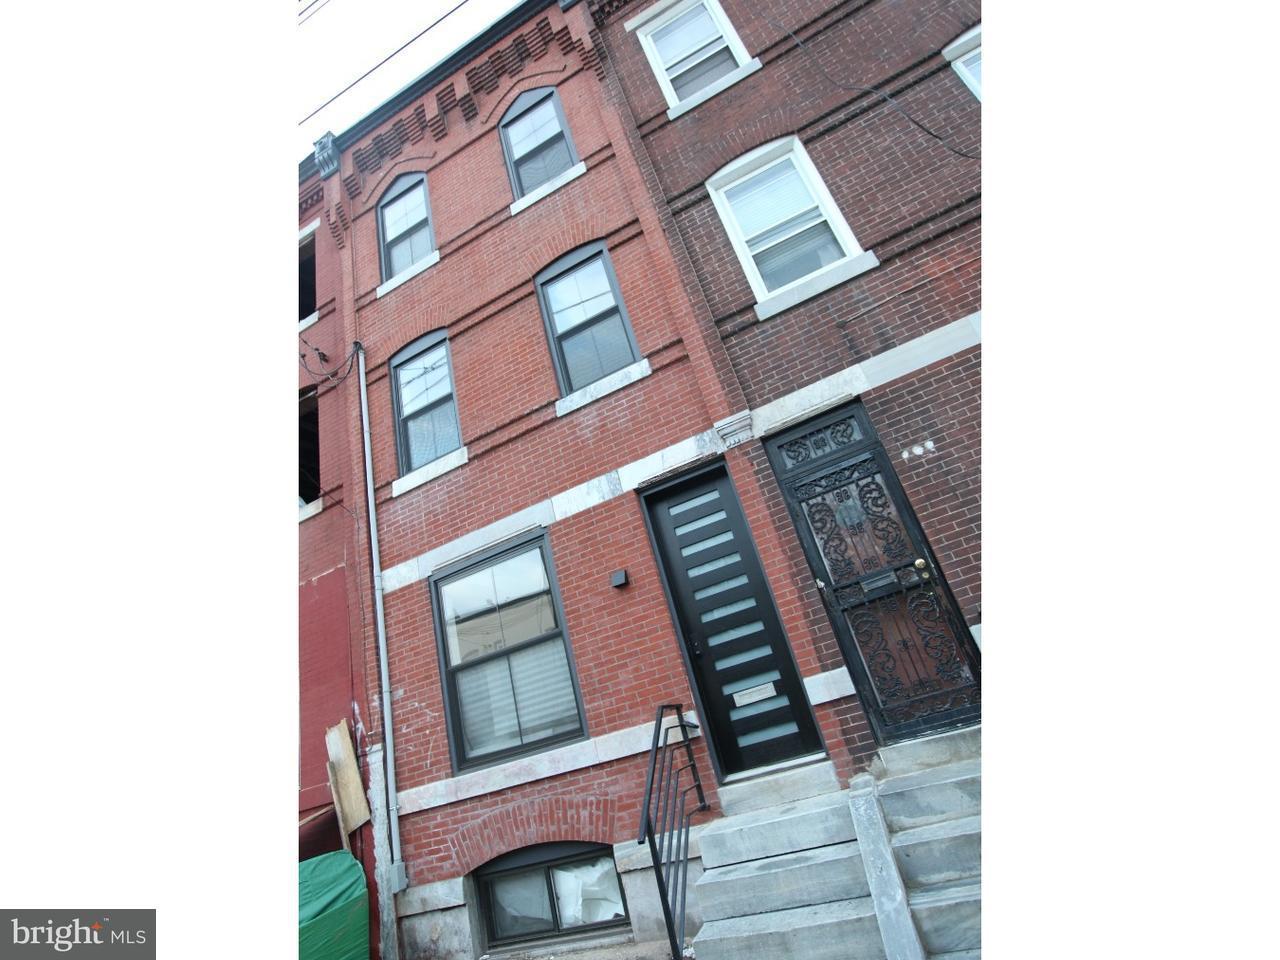 Σπίτι στην πόλη για την Πώληση στο 2820 W MASTER Street Philadelphia, Πενσιλβανια 19121 Ηνωμενεσ Πολιτειεσ